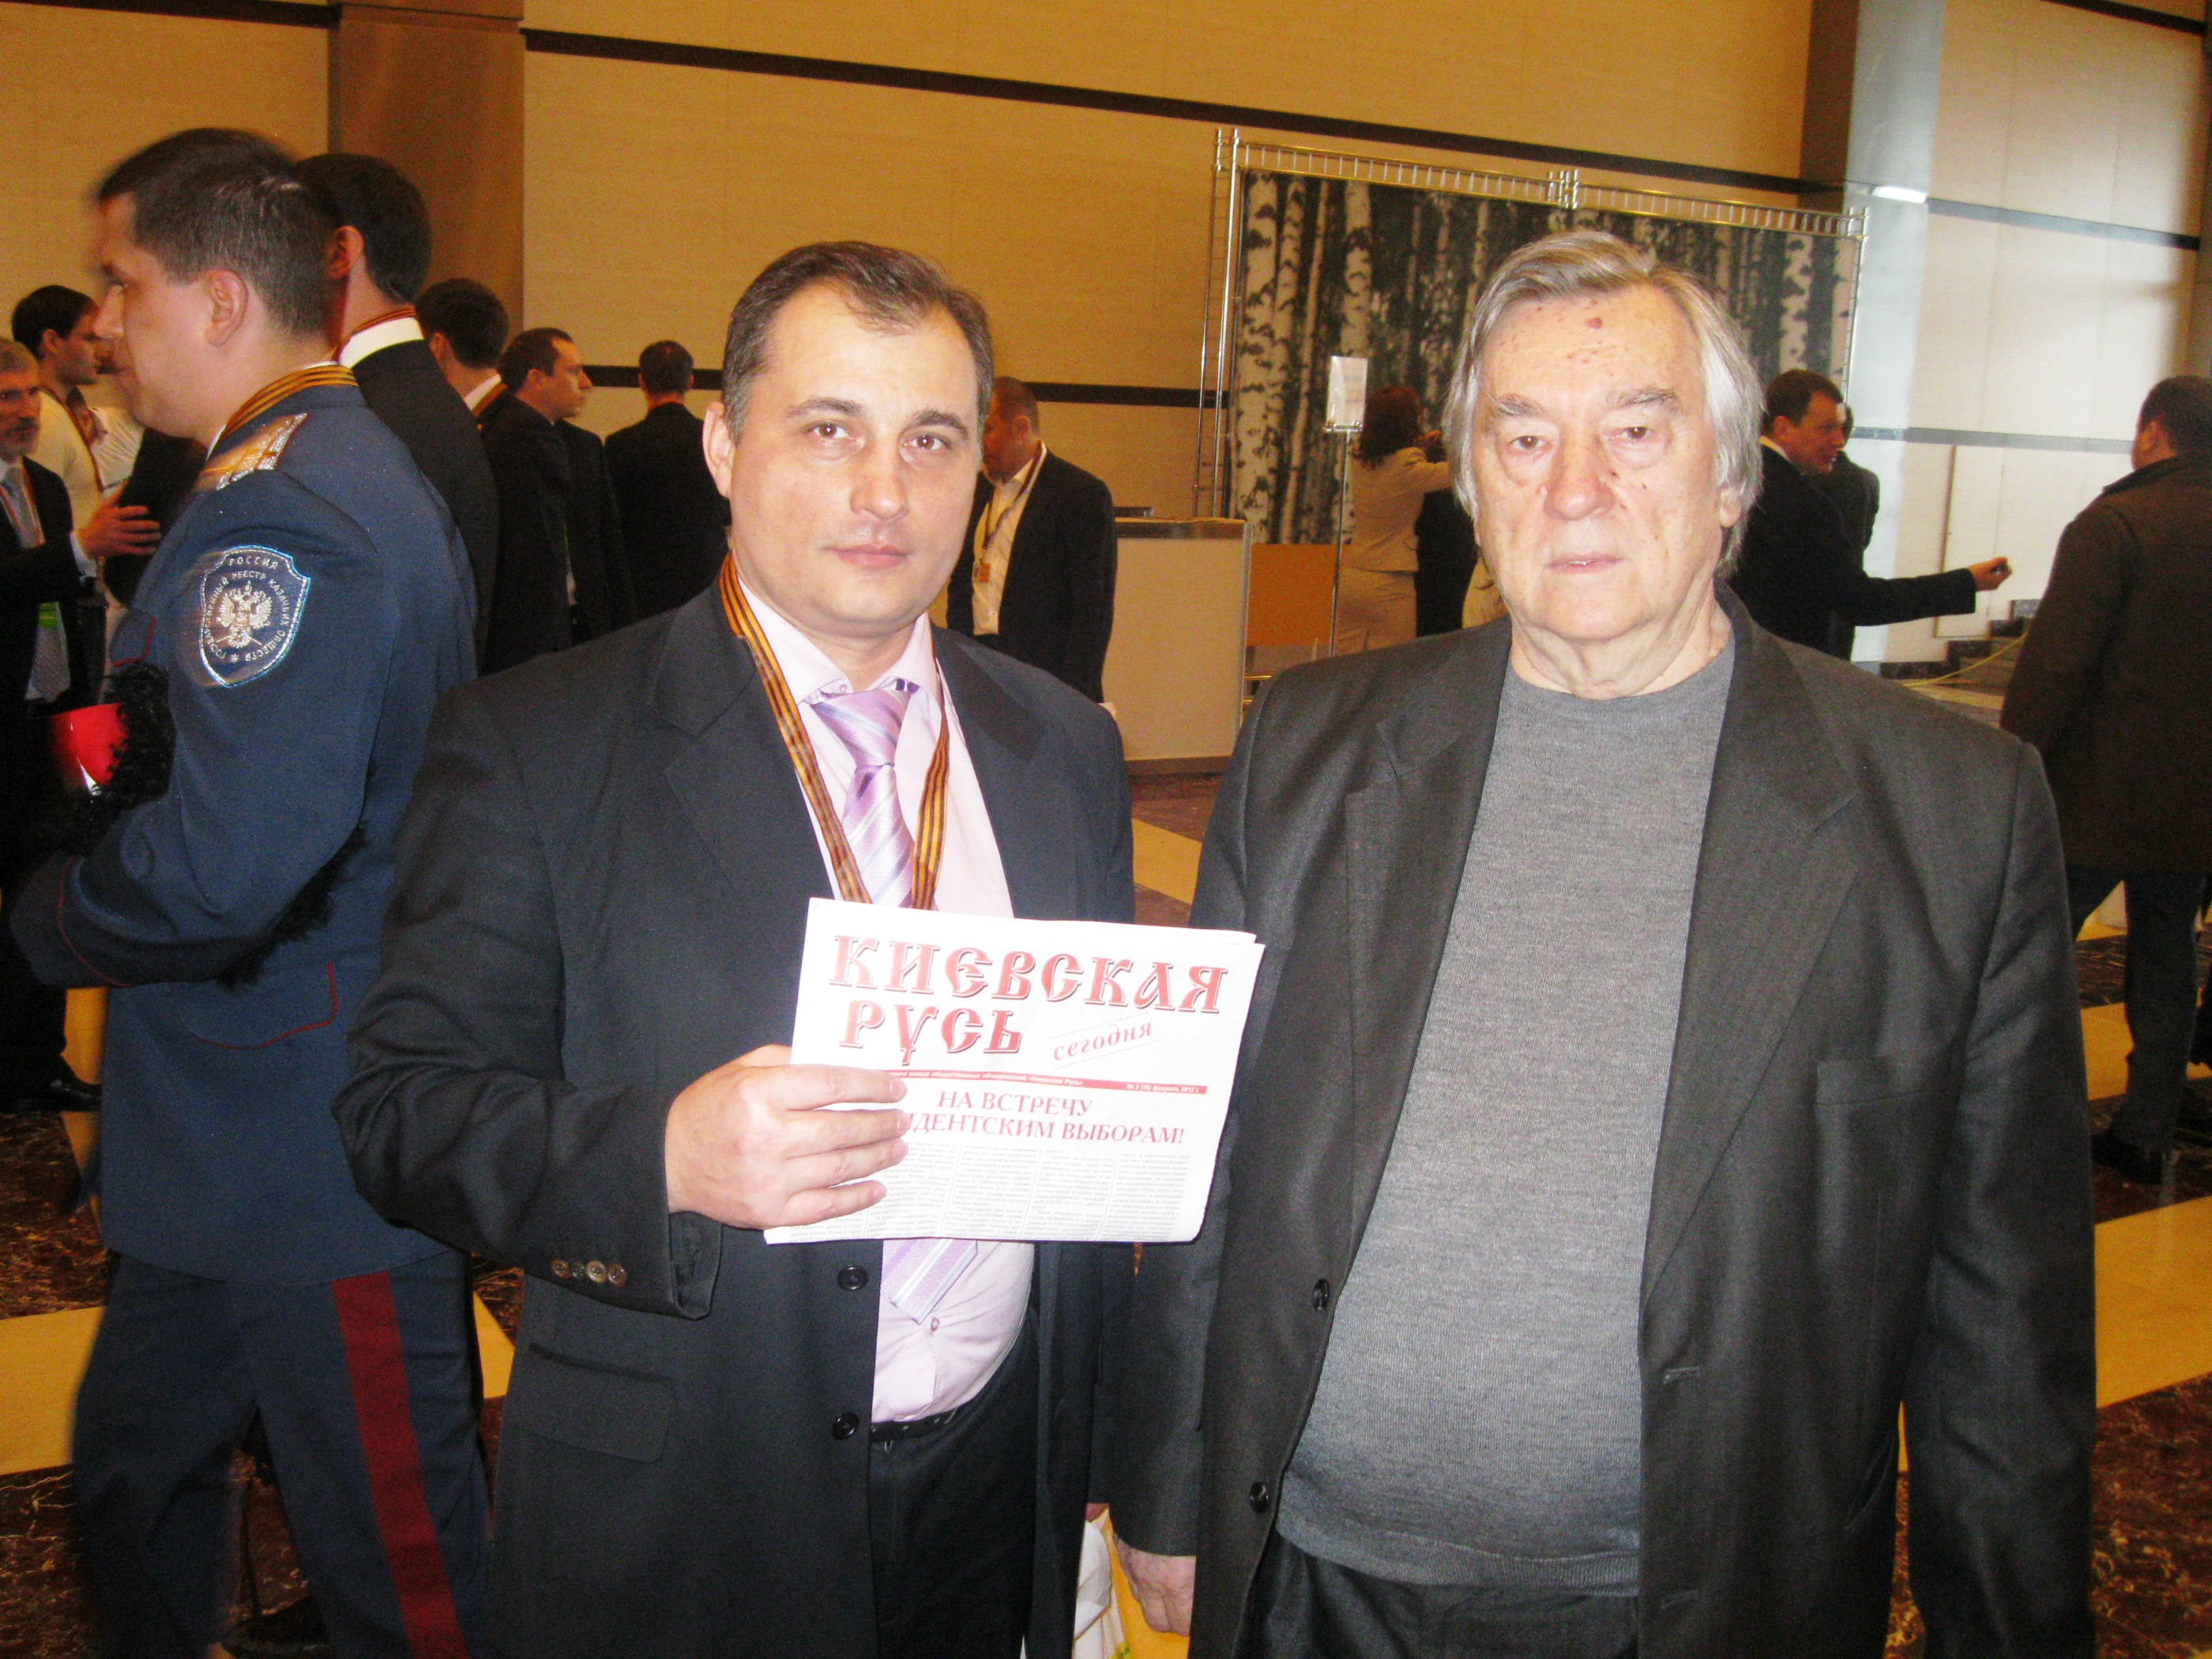 Международный союз «Киевская Русь» принял участие в съезде Добровольческого движения в поддержку армии, флота и ОПК